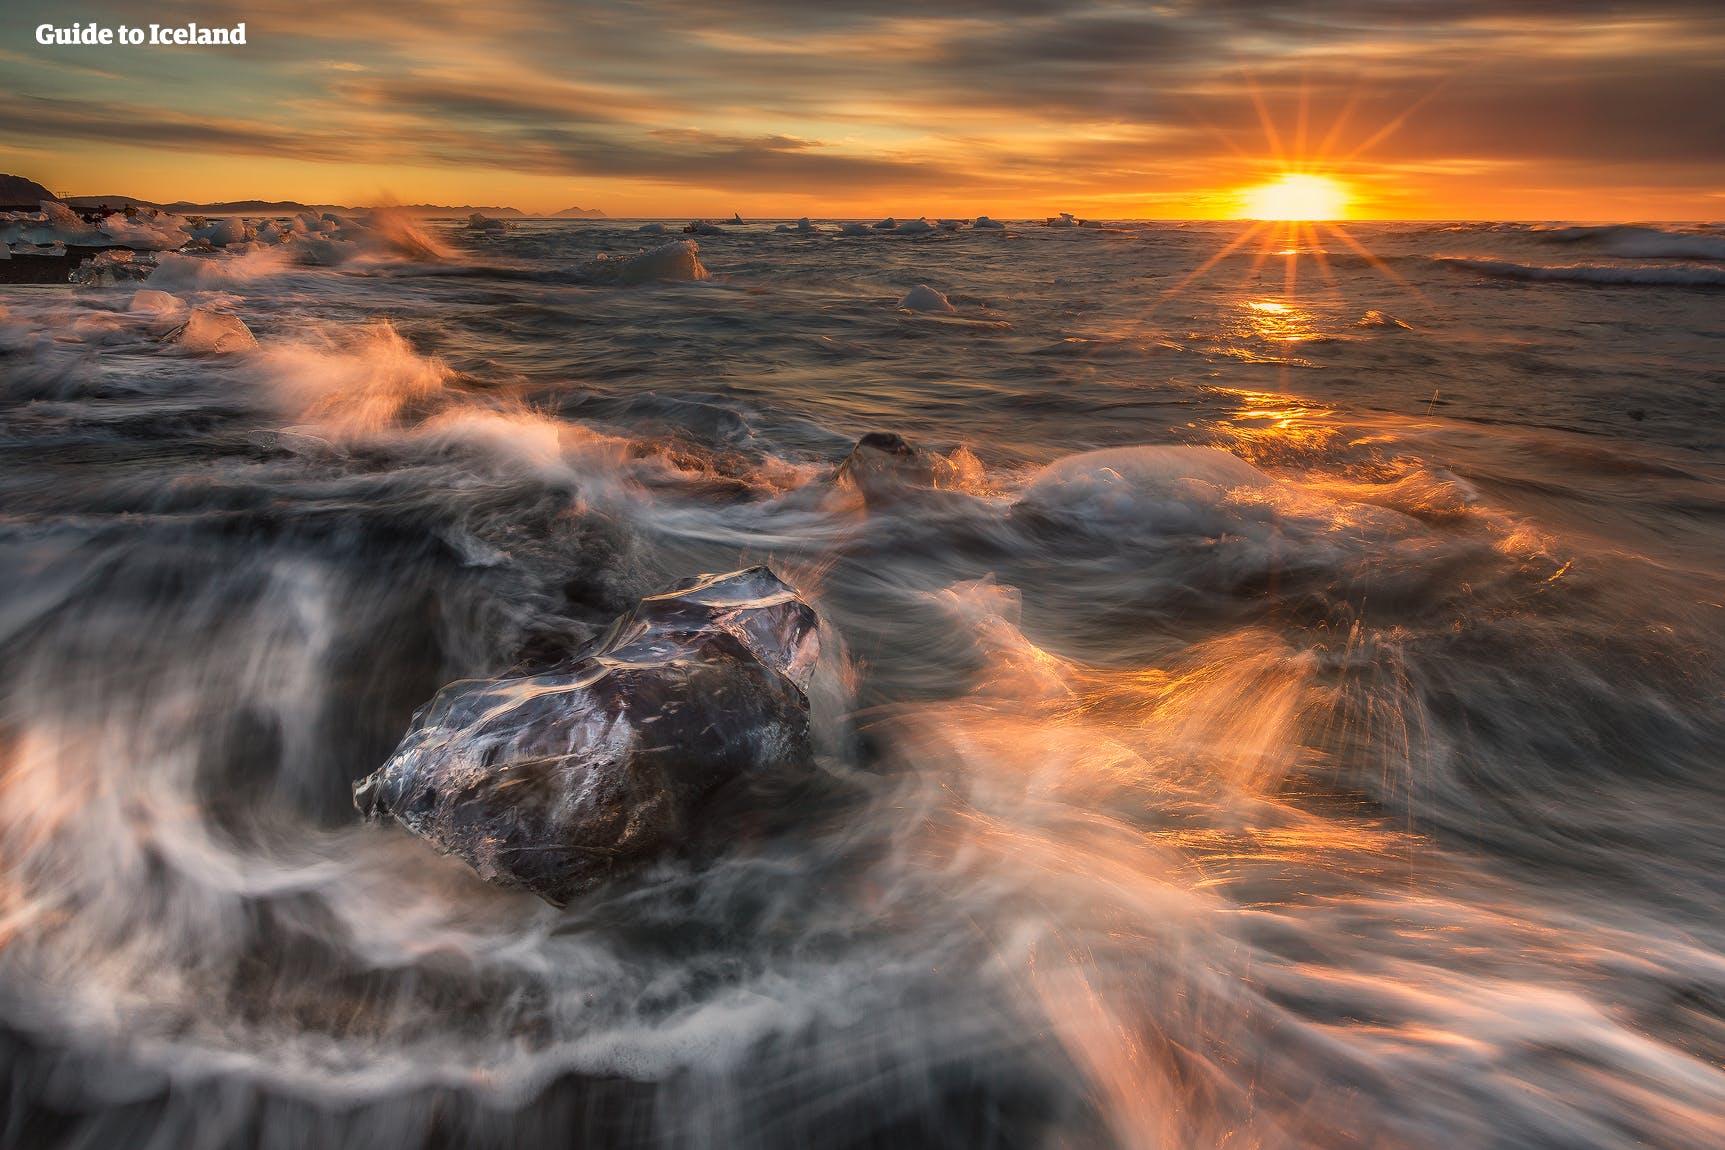 다이아몬드해변으 매일 그 형상과 크기가 다른 빙하 조각들을 해변가에 펼쳐놓고 있습니다.